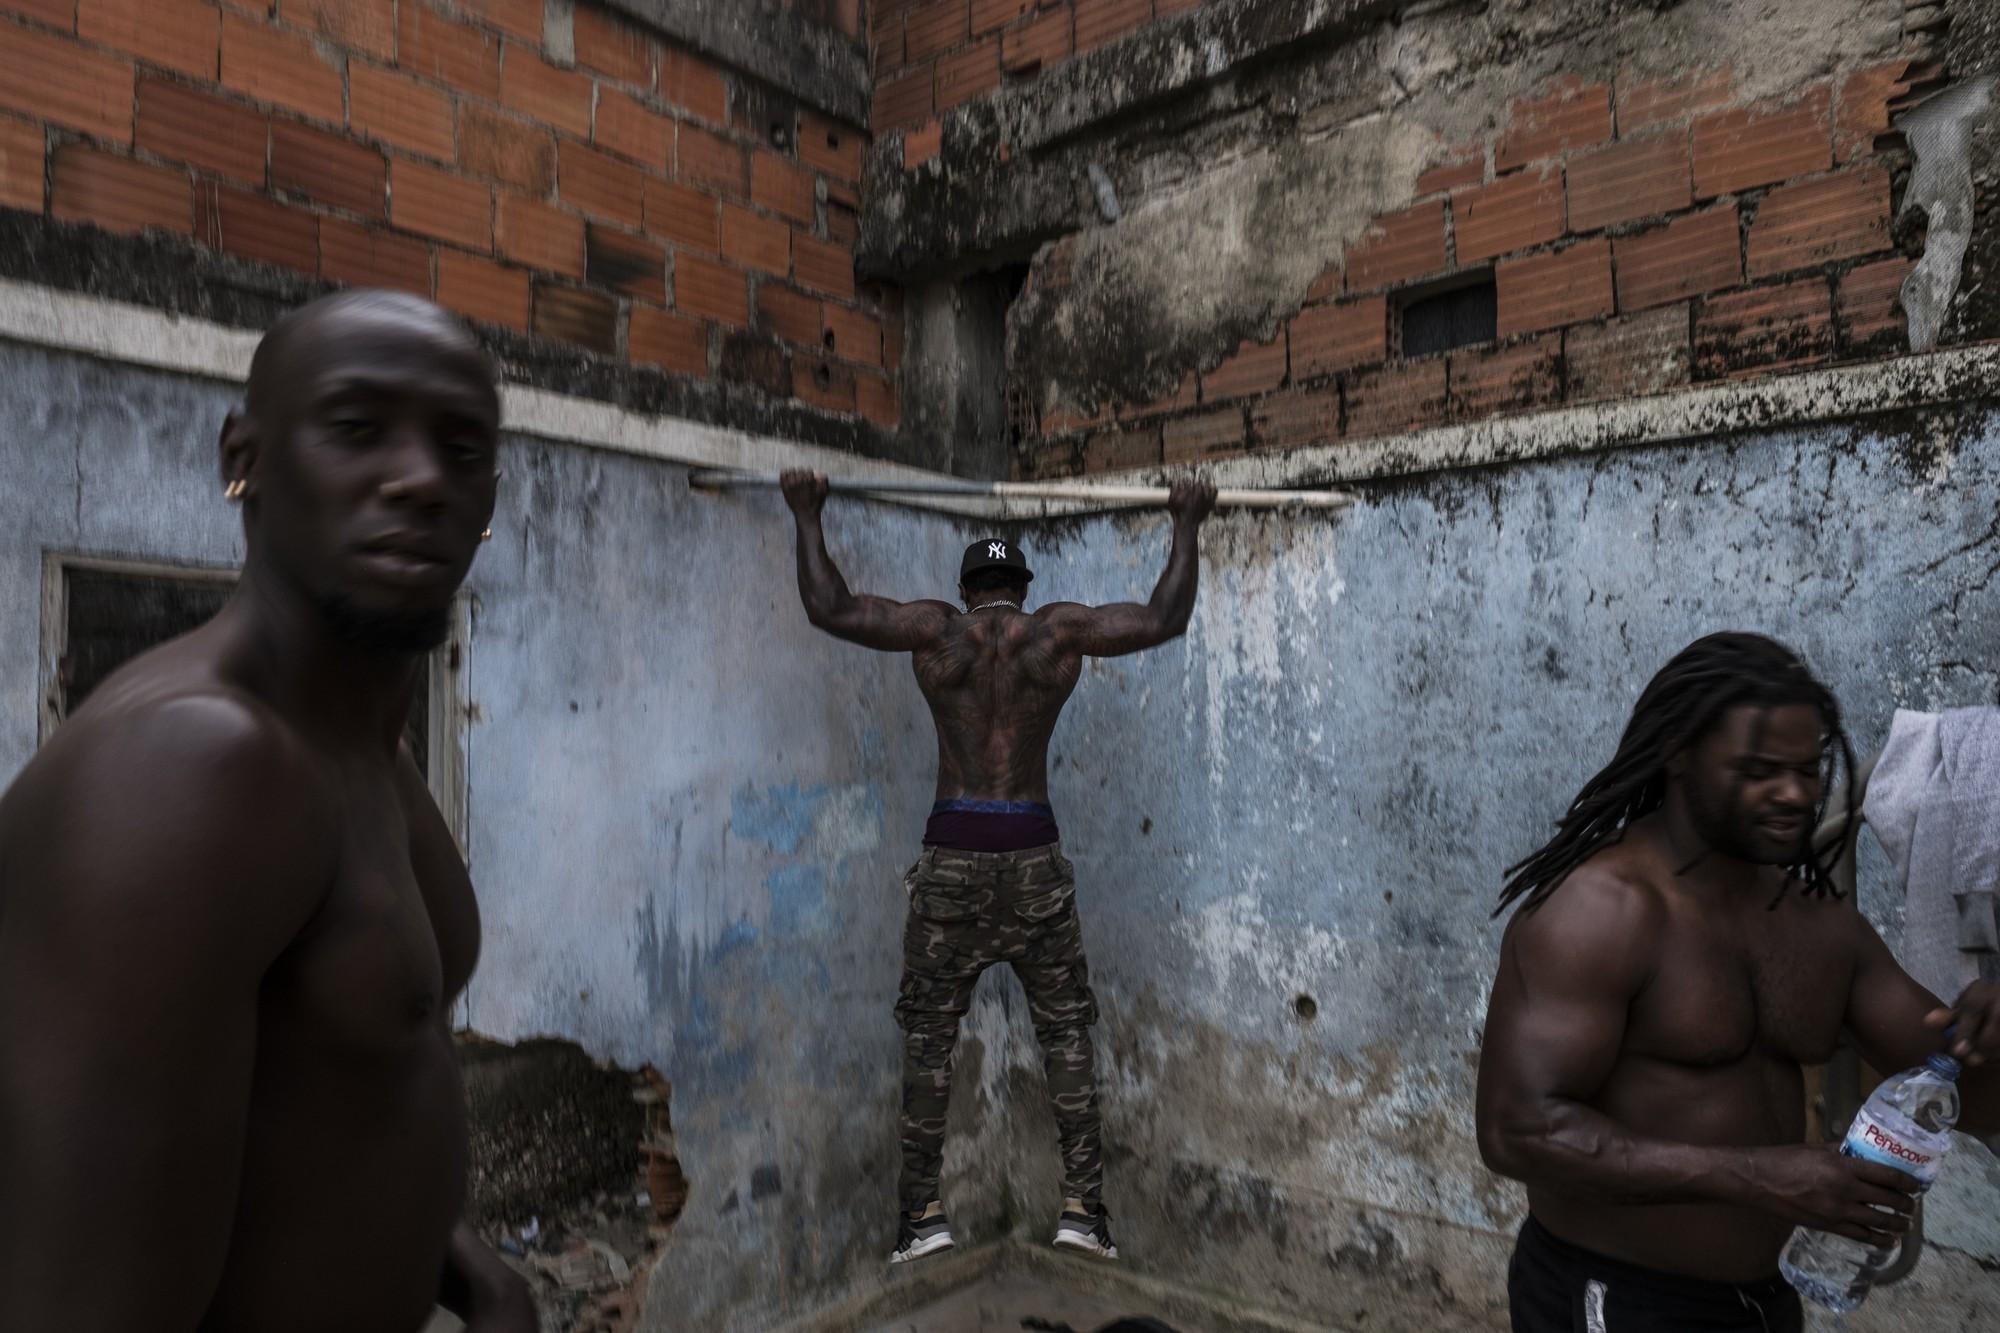 Mặt tối cuộc sống mang tên 6 de Maio: Những gì diễn ra bên trong khu phố nguy hiểm bậc nhất Bồ Đào Nha - Ảnh 8.